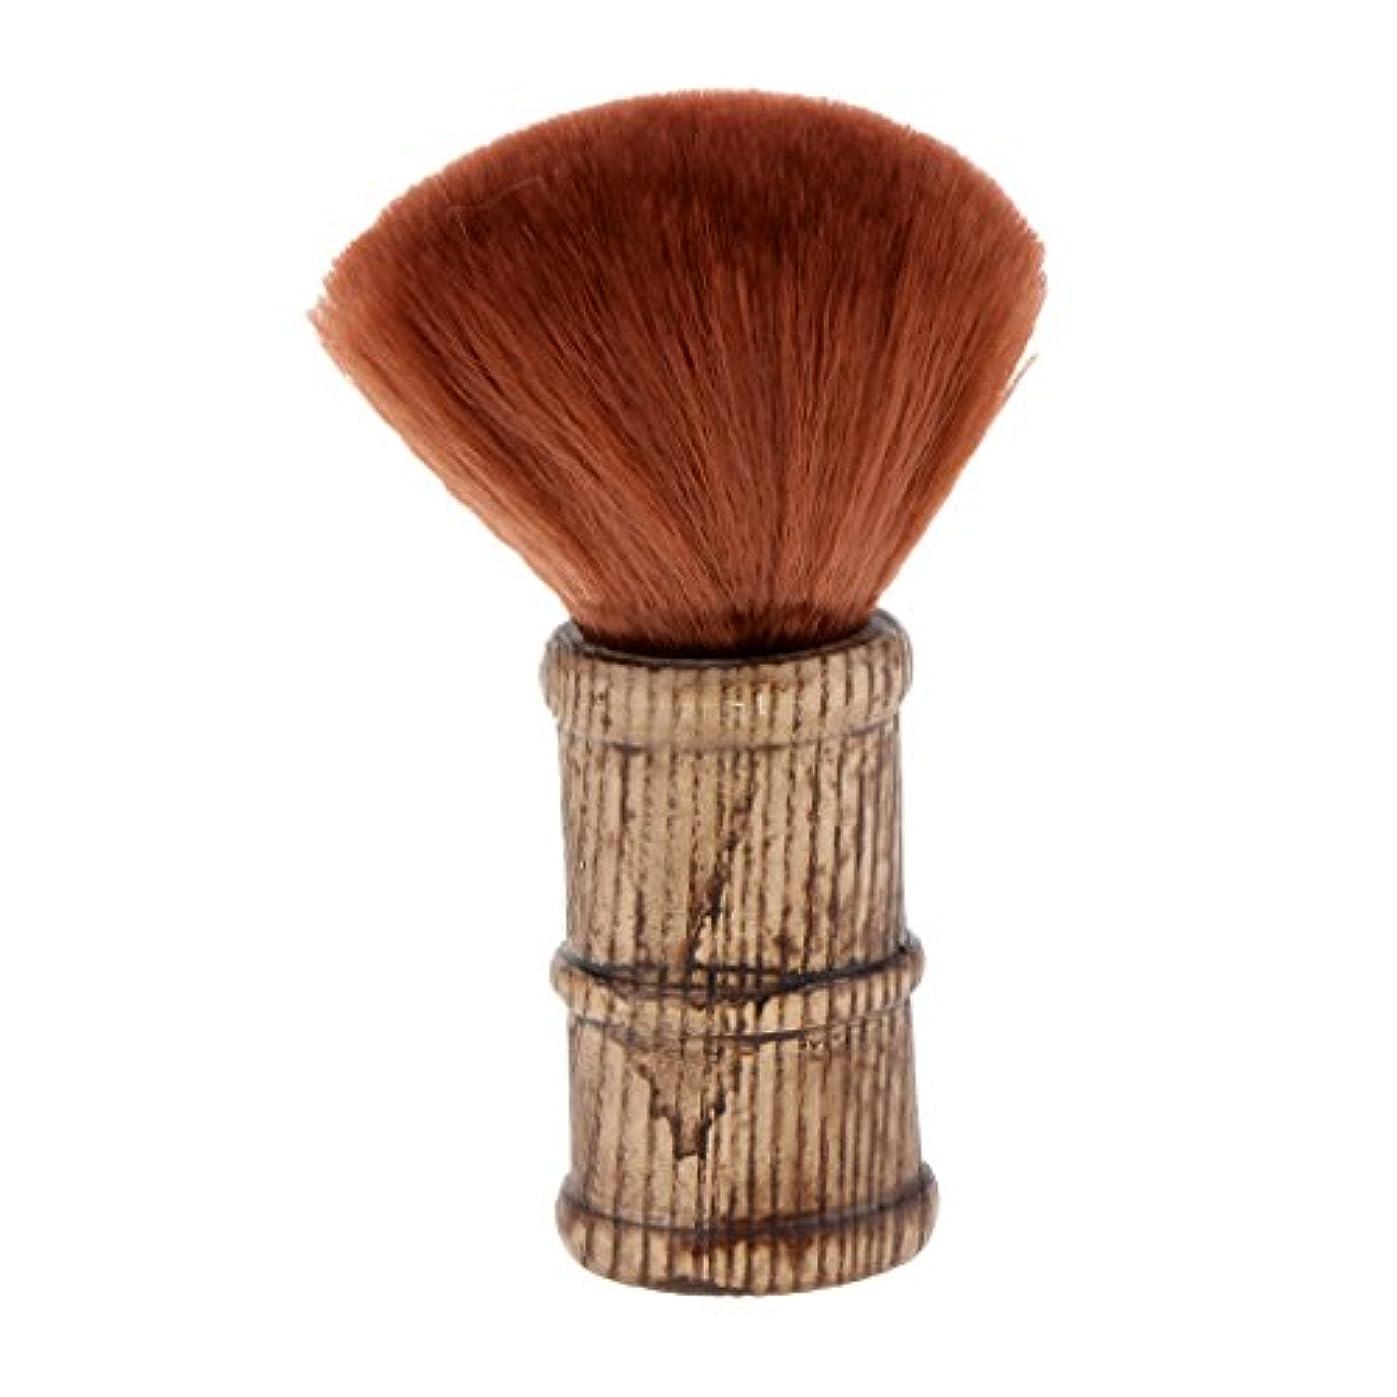 ネックダスターブラシ ヘアカットブラシ 理髪師 サロン スーパーソフト メイクアップ 2色選べる - 褐色